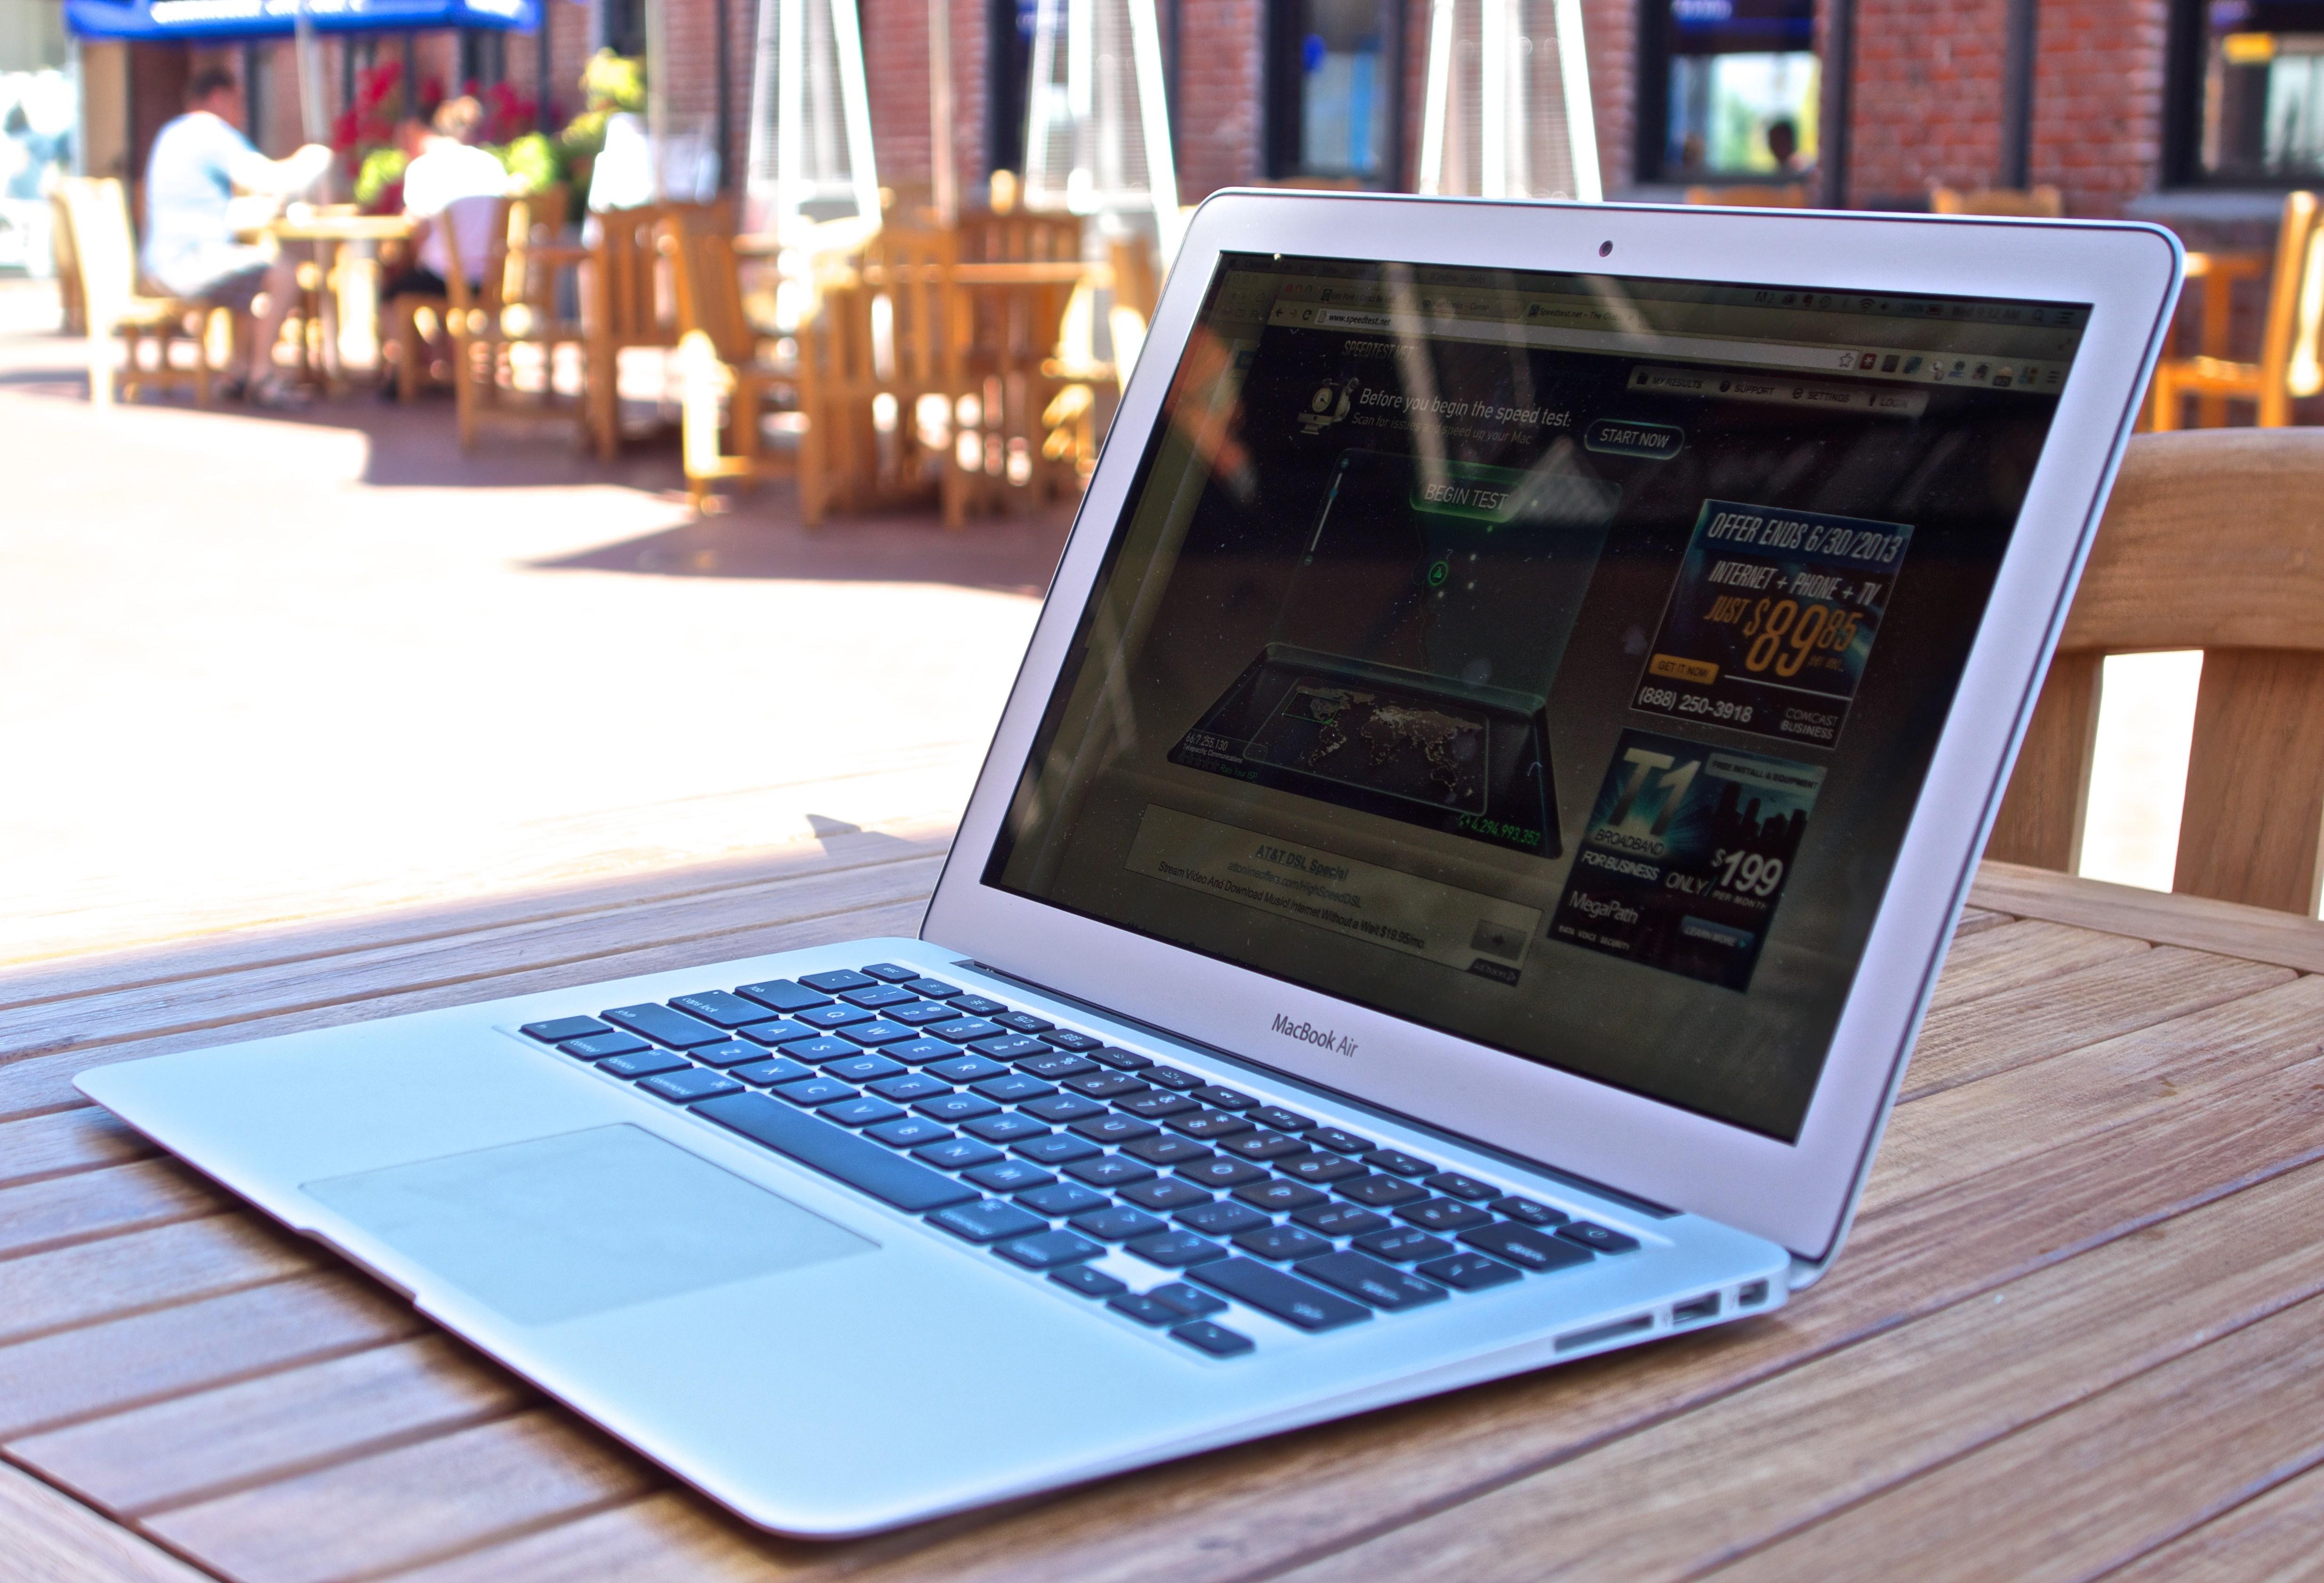 Macbook air release date in Brisbane